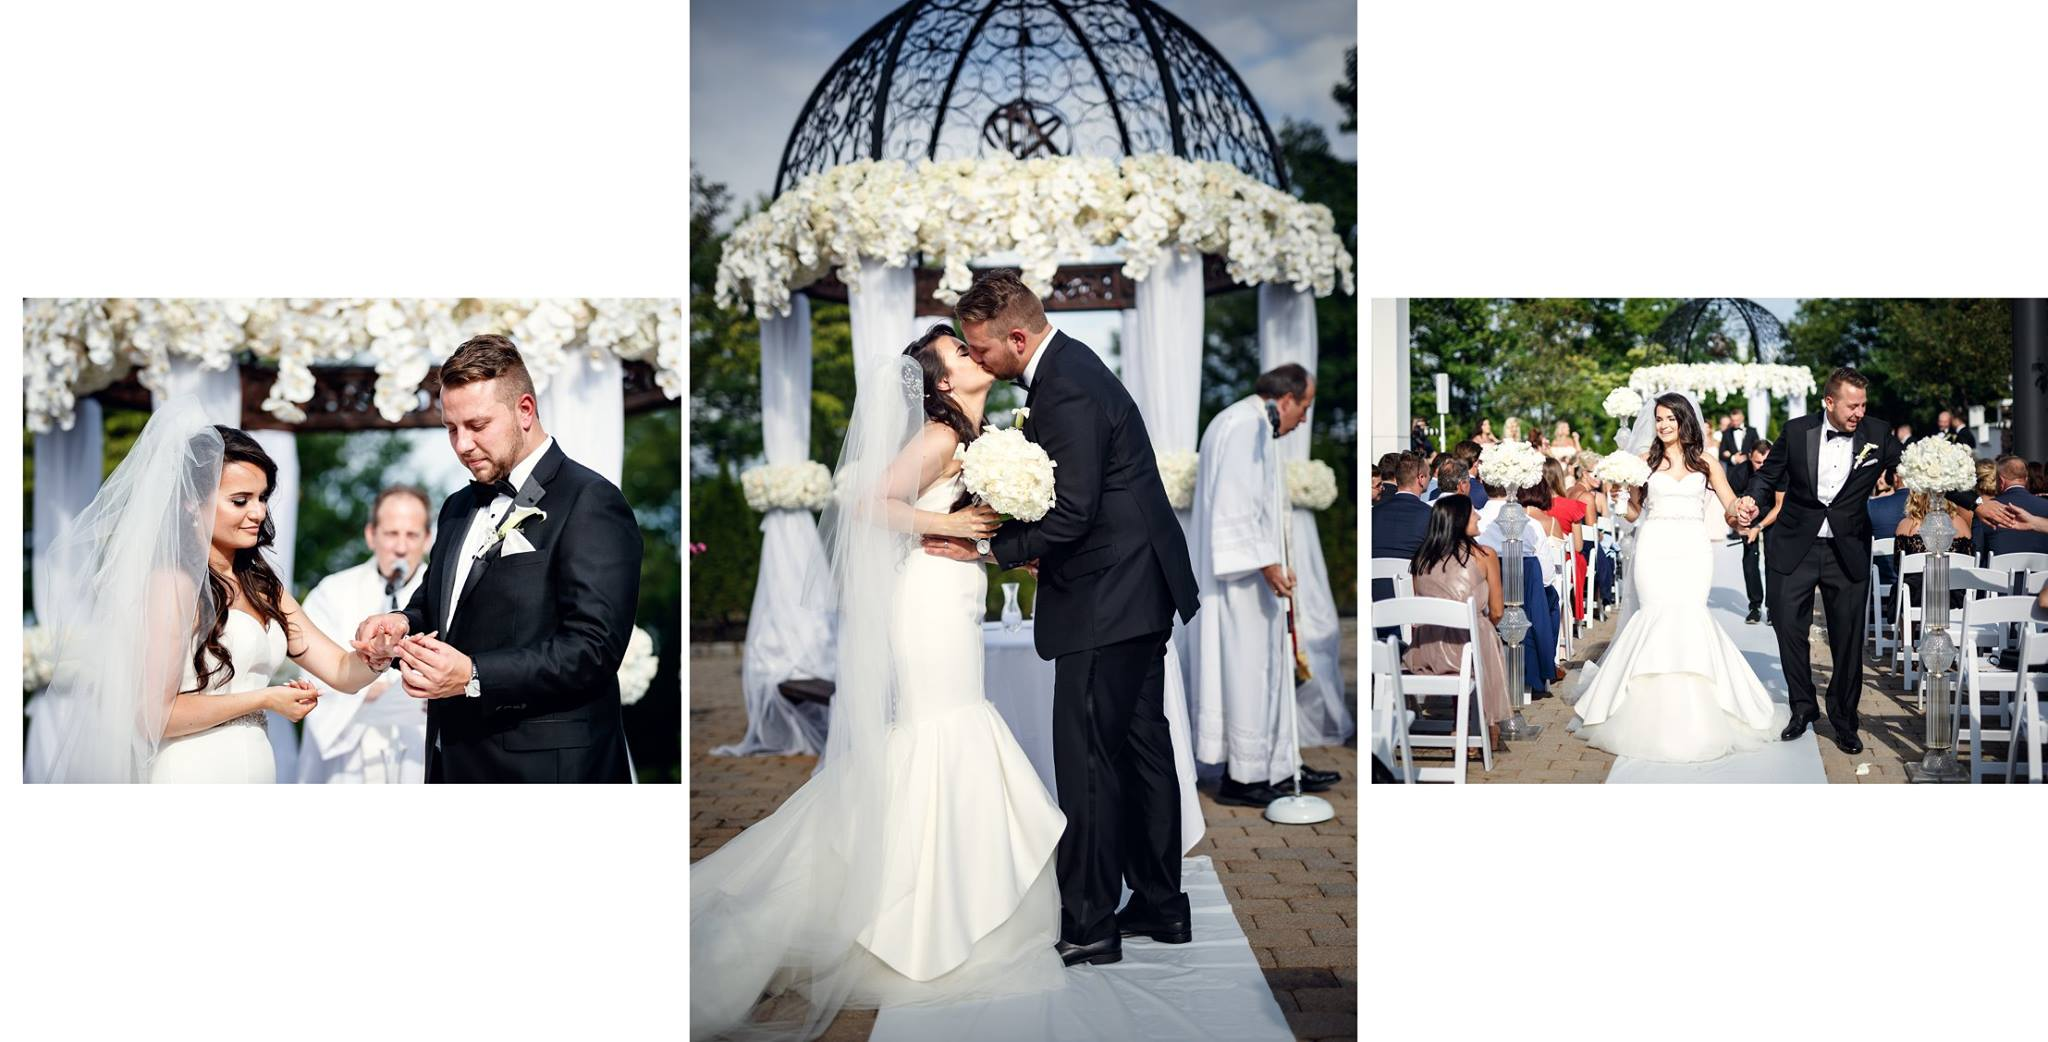 zajac photography wedding 29